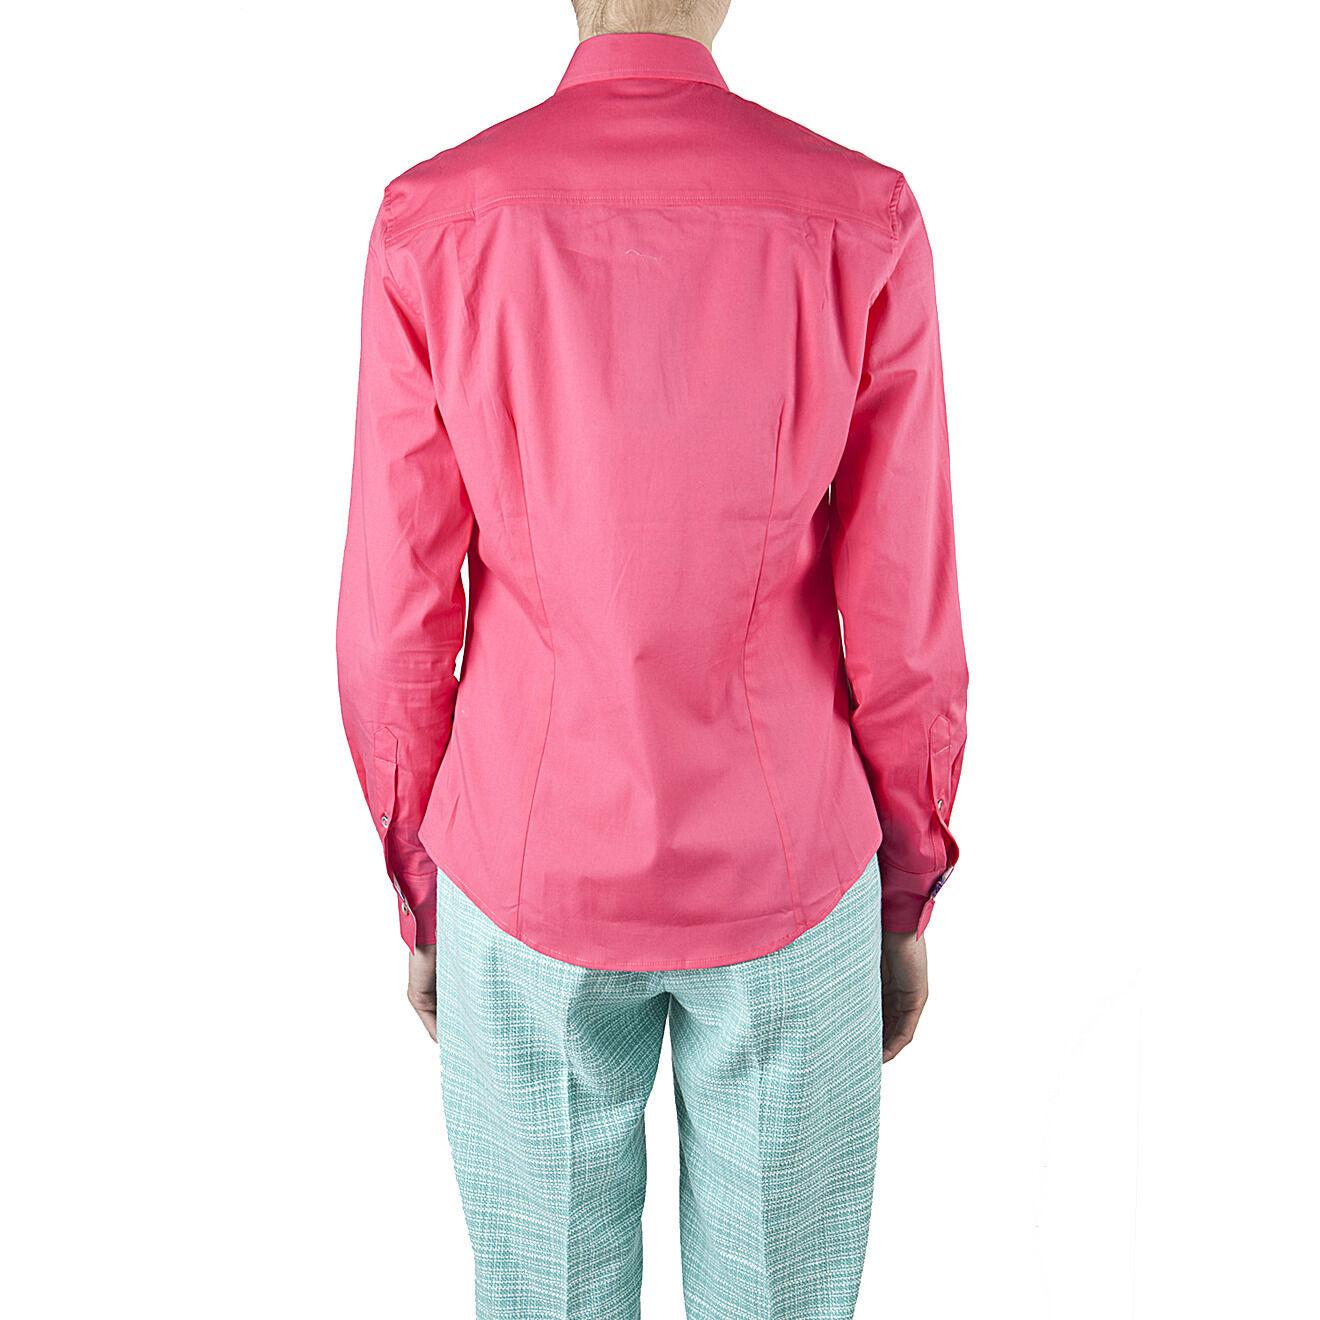 Paul Smith camicia camicia camicia classica polsini rosa, classic shirt rosas cuff 1e6dbf